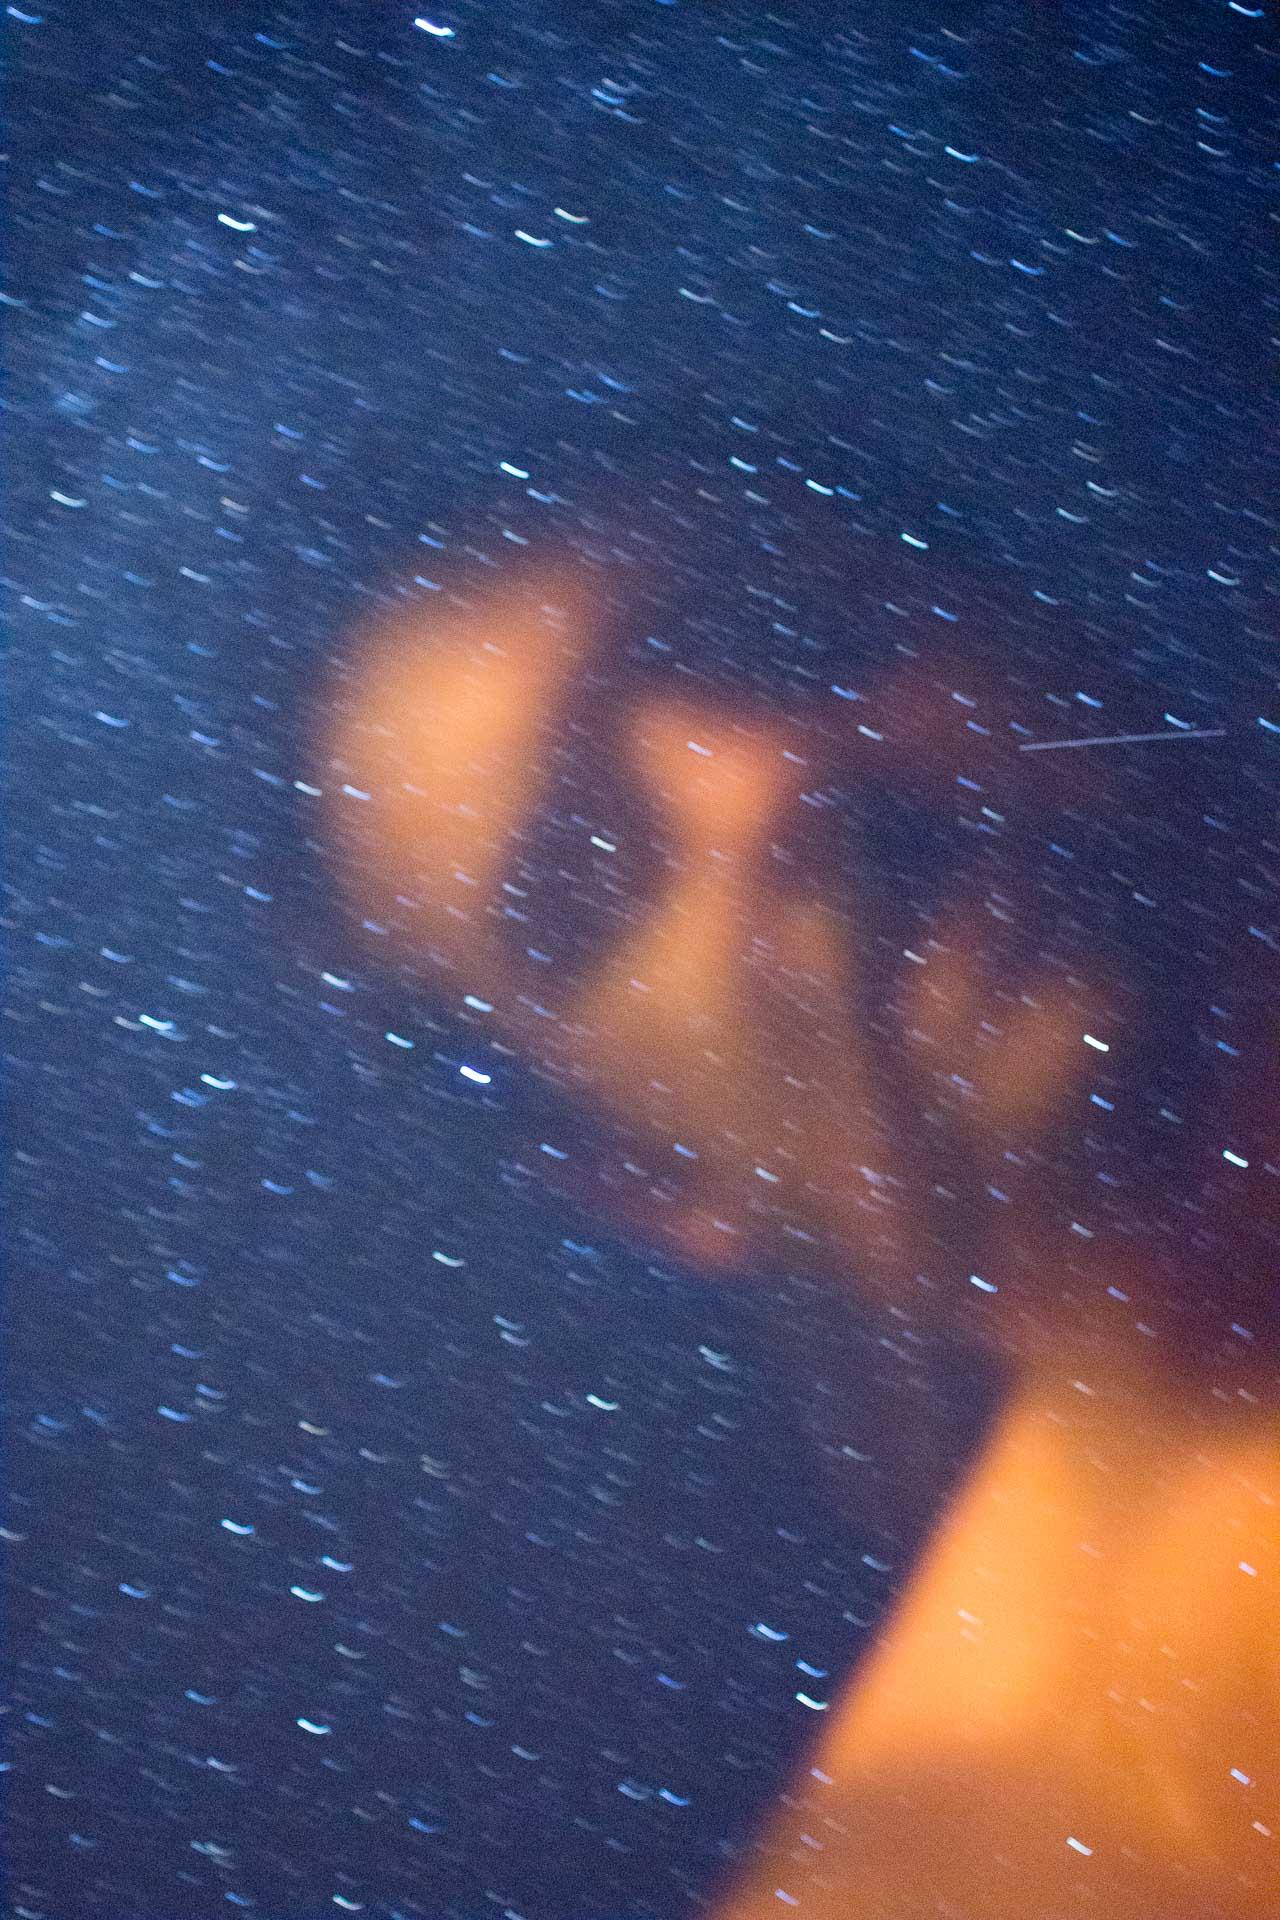 Et pour finir, un autoportrait raté, parce que c'est ça d'avoir la tête dans les étoiles...